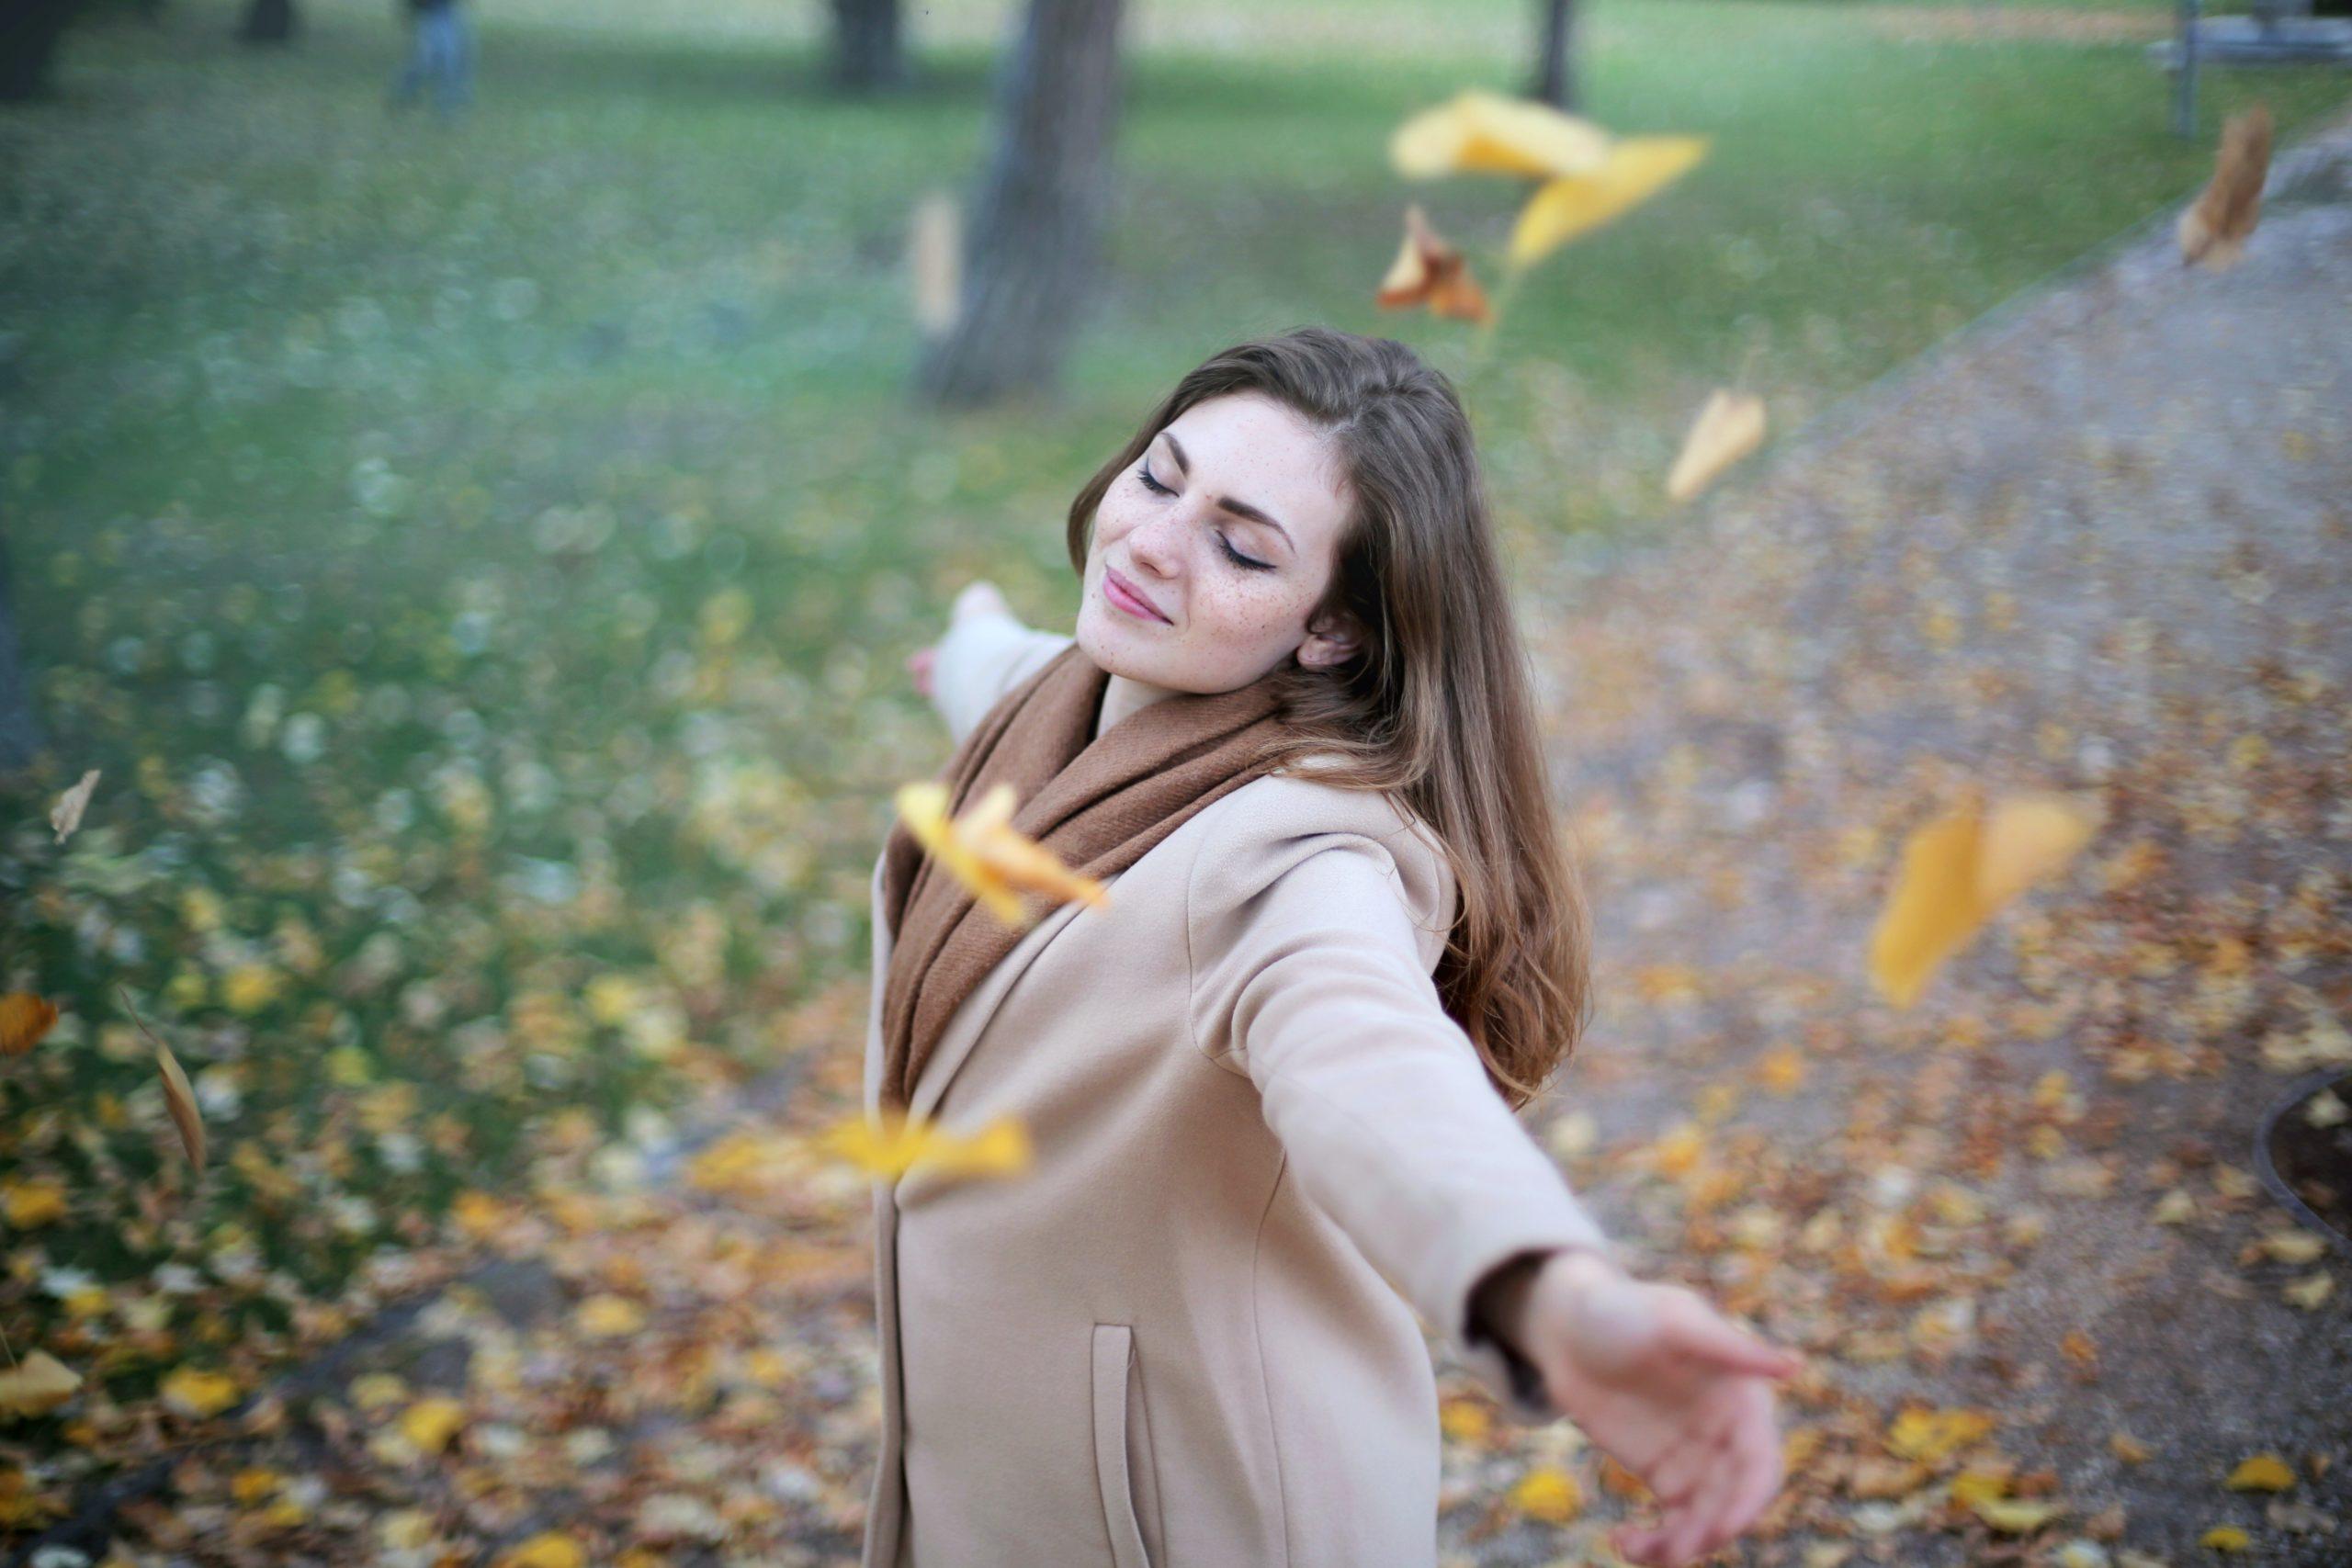 Laissez le vent caresser votre peau, vos cheveux, vos poils et soyez attentif à ce que vous ressentez.